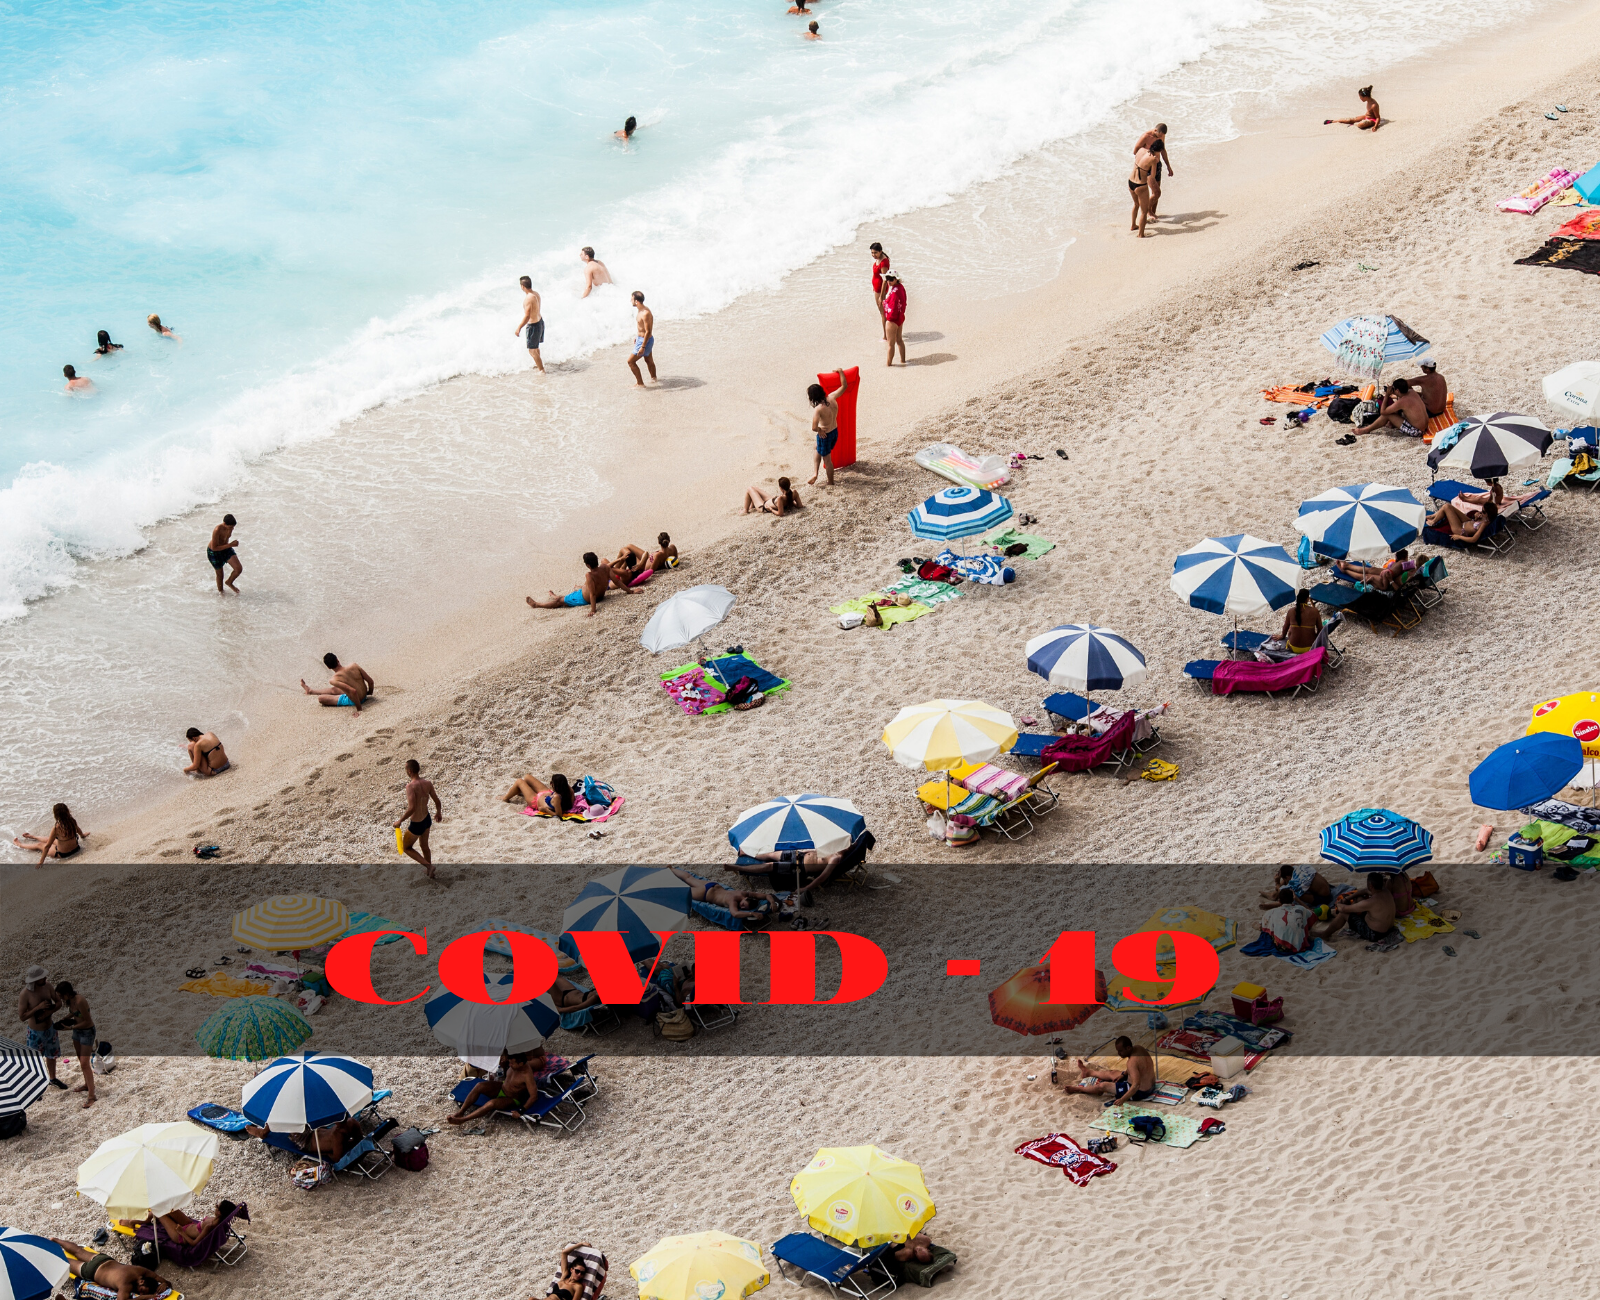 turisticka-sezona-hrvatska-2020